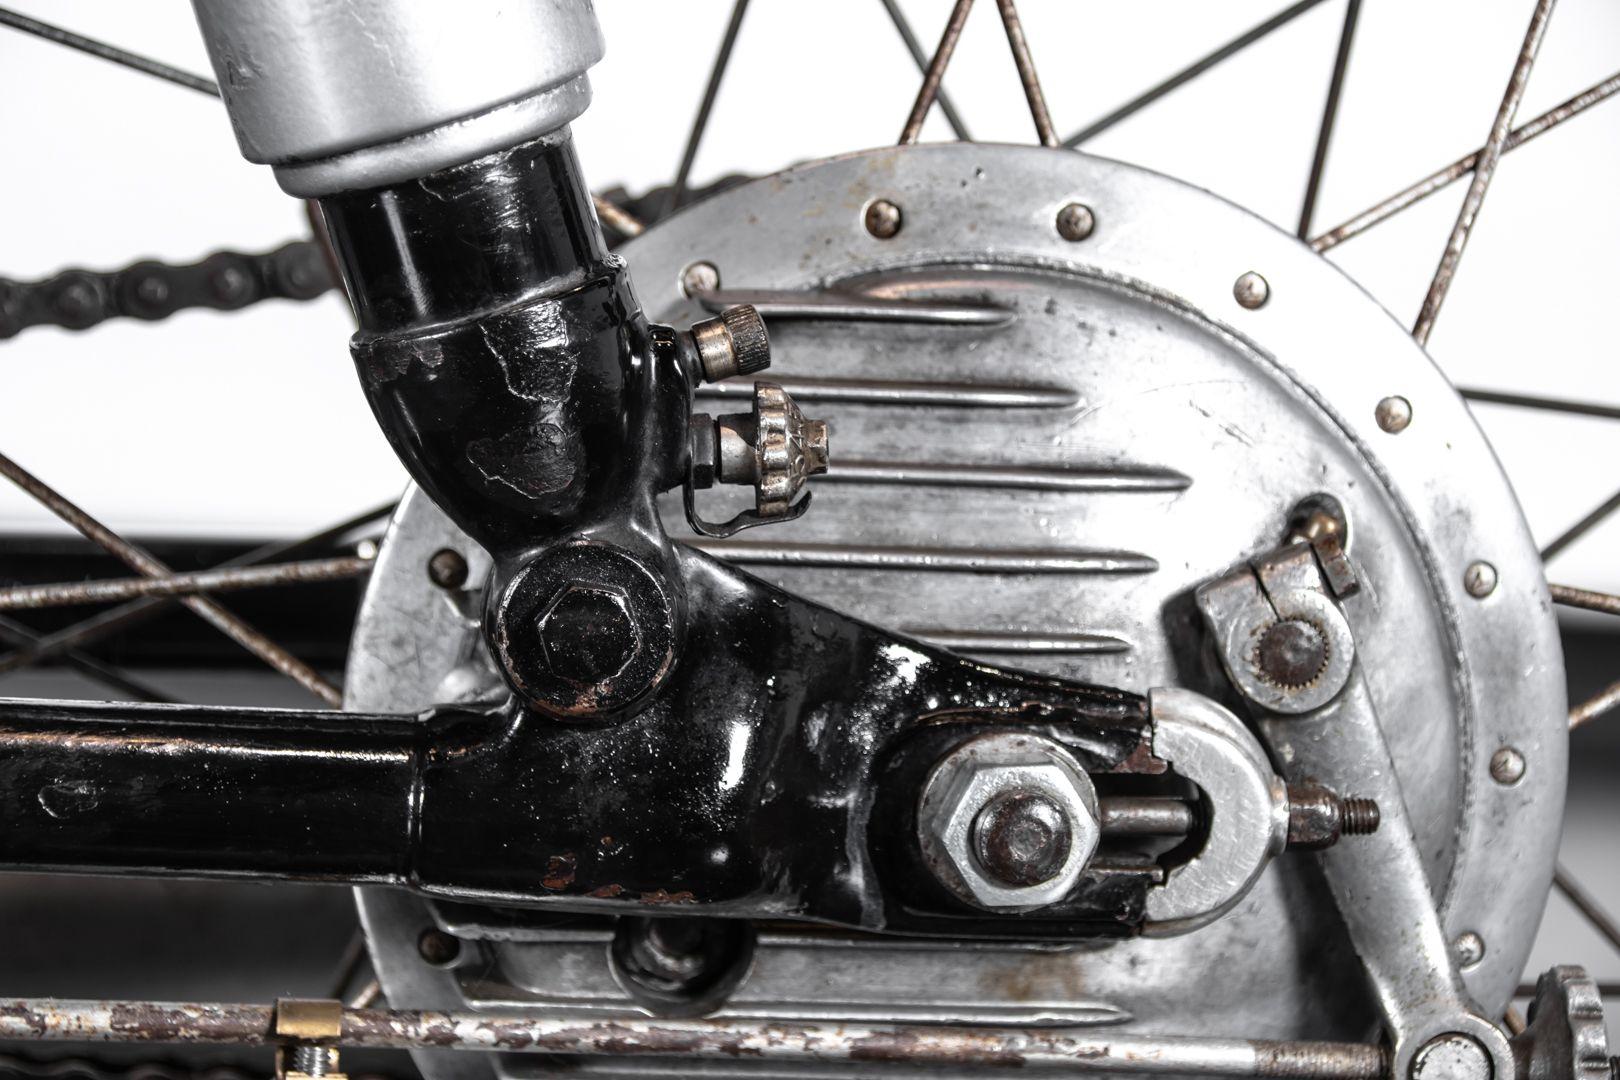 1961 Moto Morini Motore Corto 2T 125 78322